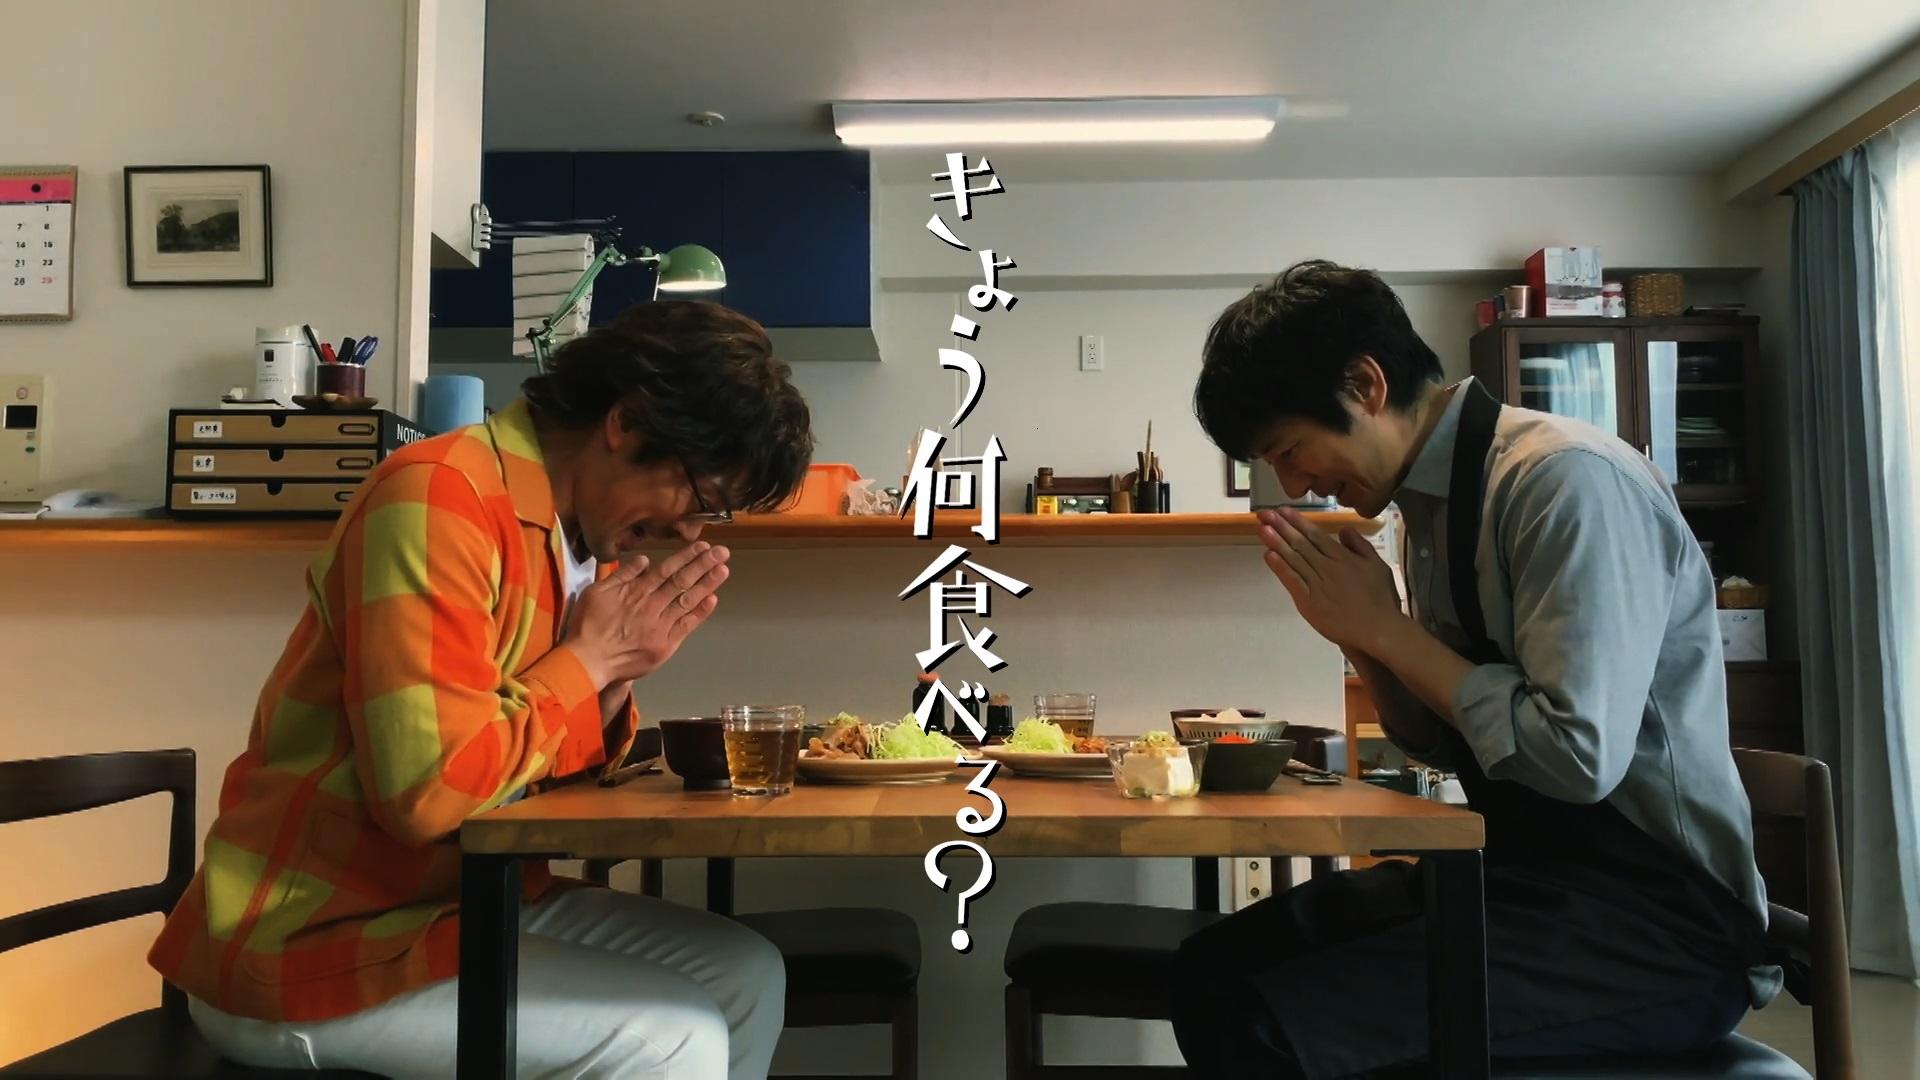 西島秀俊&内野聖陽『きのう何食べた?』、待望のレシピ動画が公開